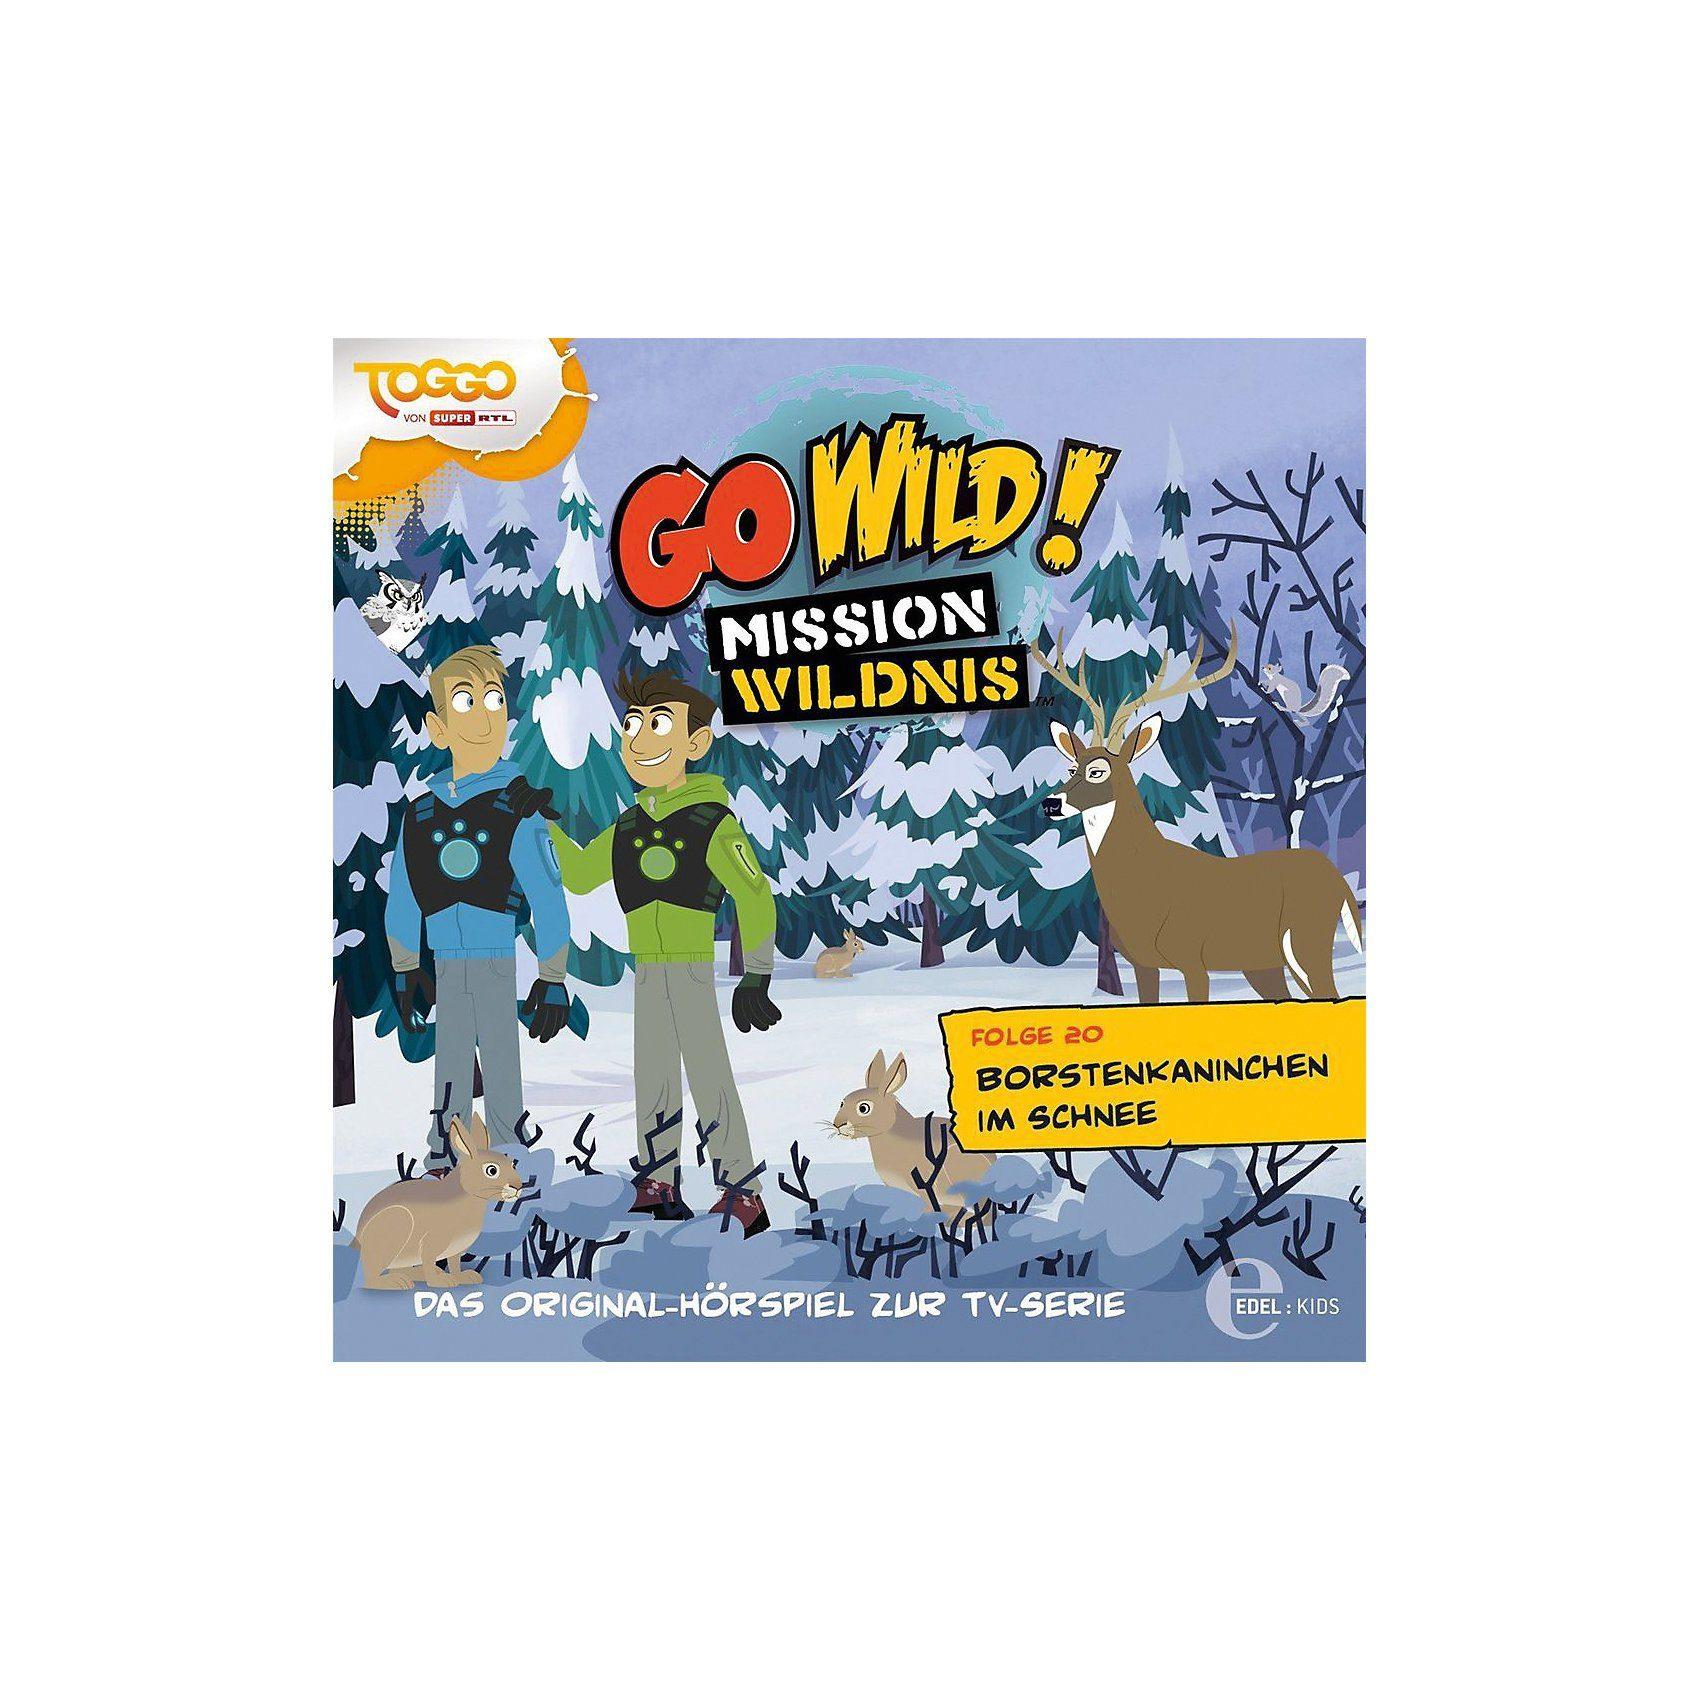 Edel CD Go Wild Mission Wildnis 20 - Borstenkaninchen im Schnee